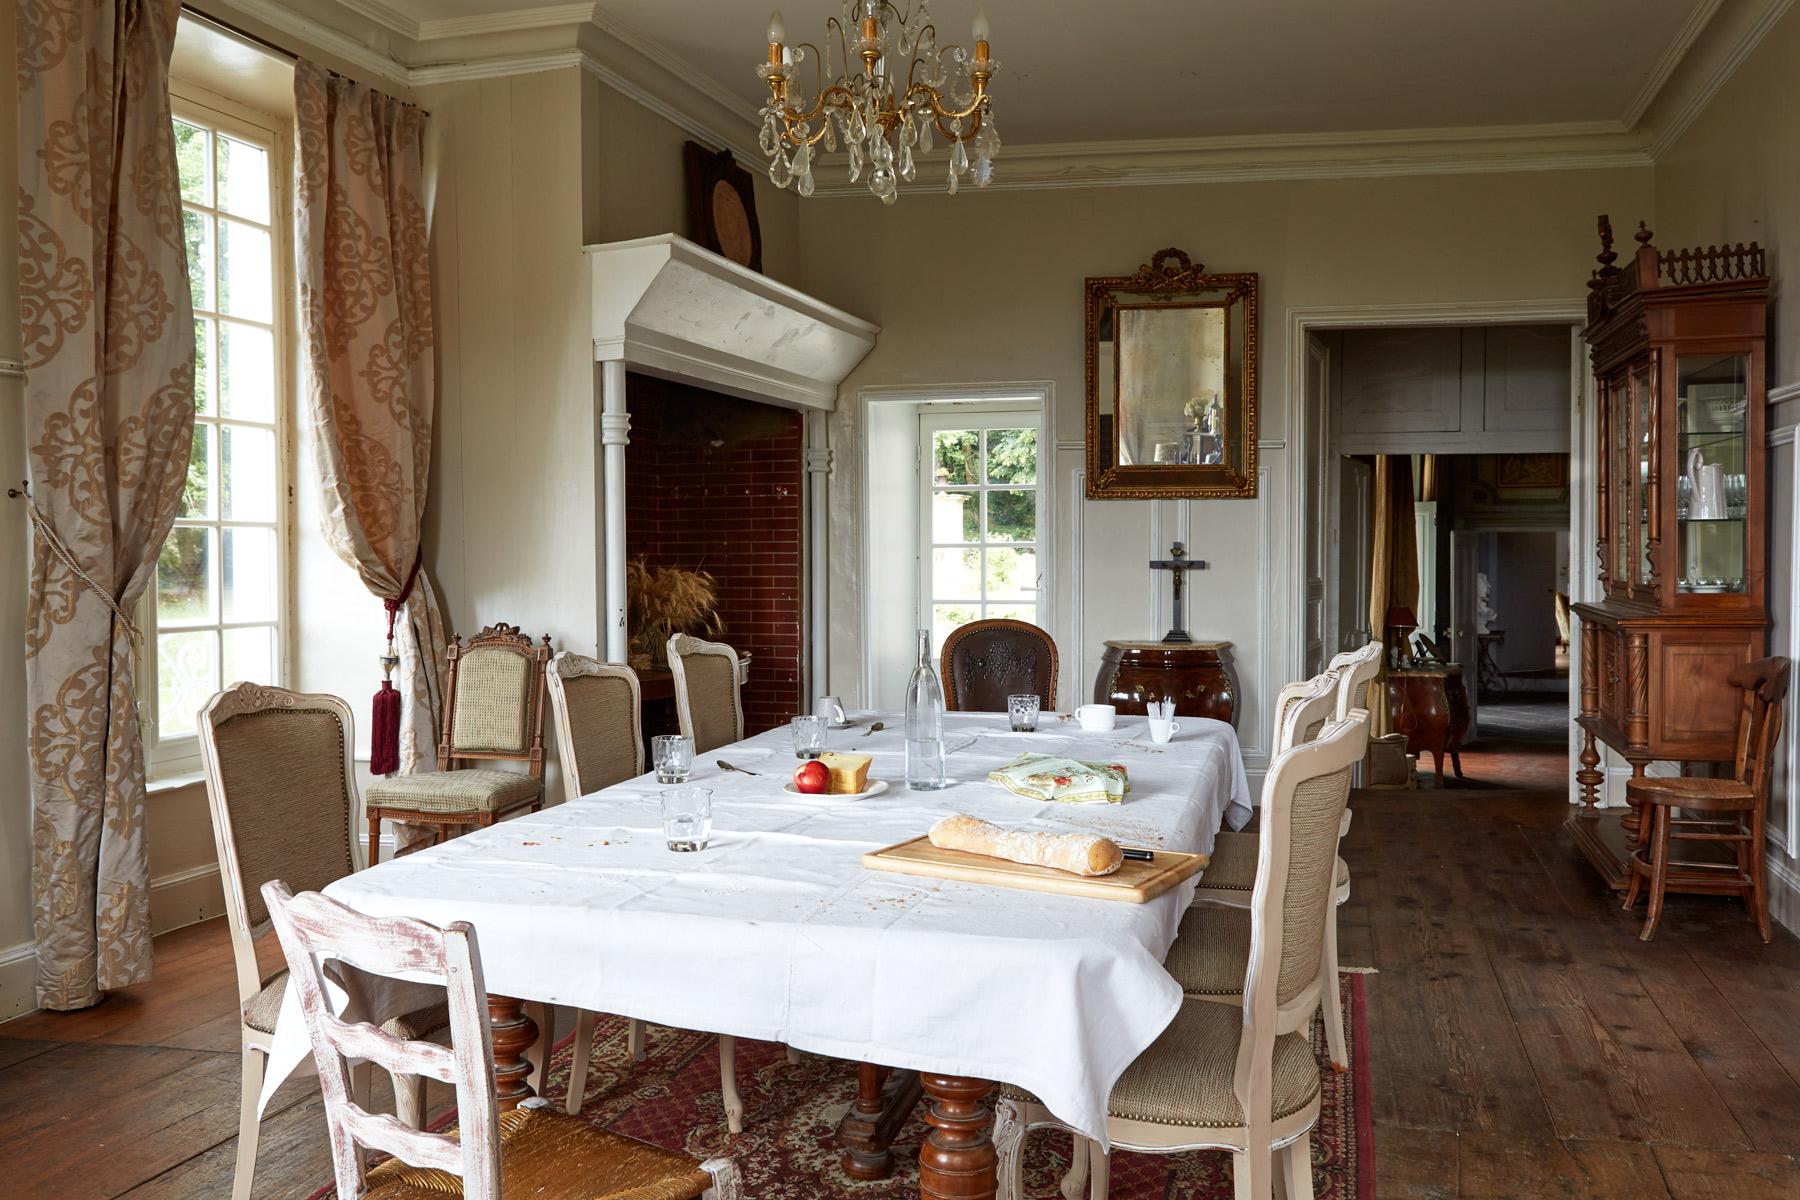 Dining_Room_00065.jpg